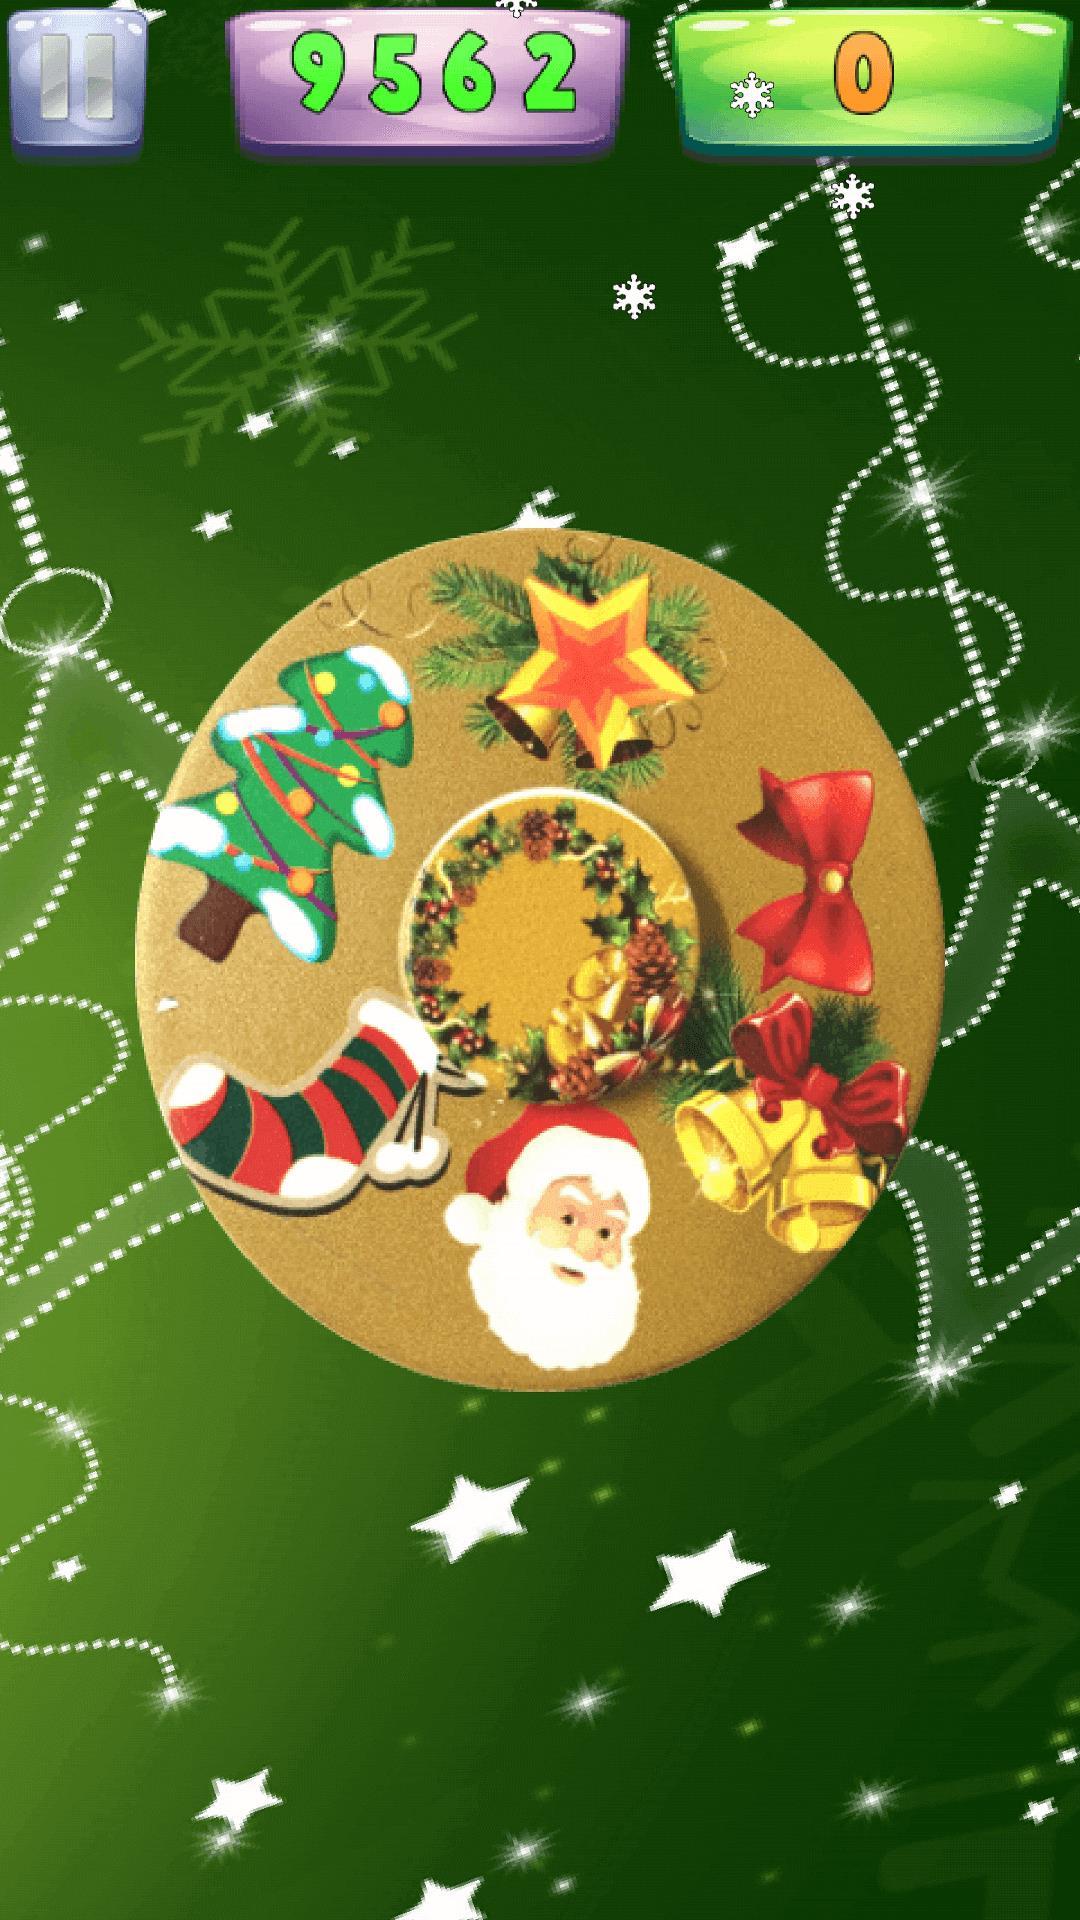 Xmas Spinner - Fidget Spinner - New Year Game